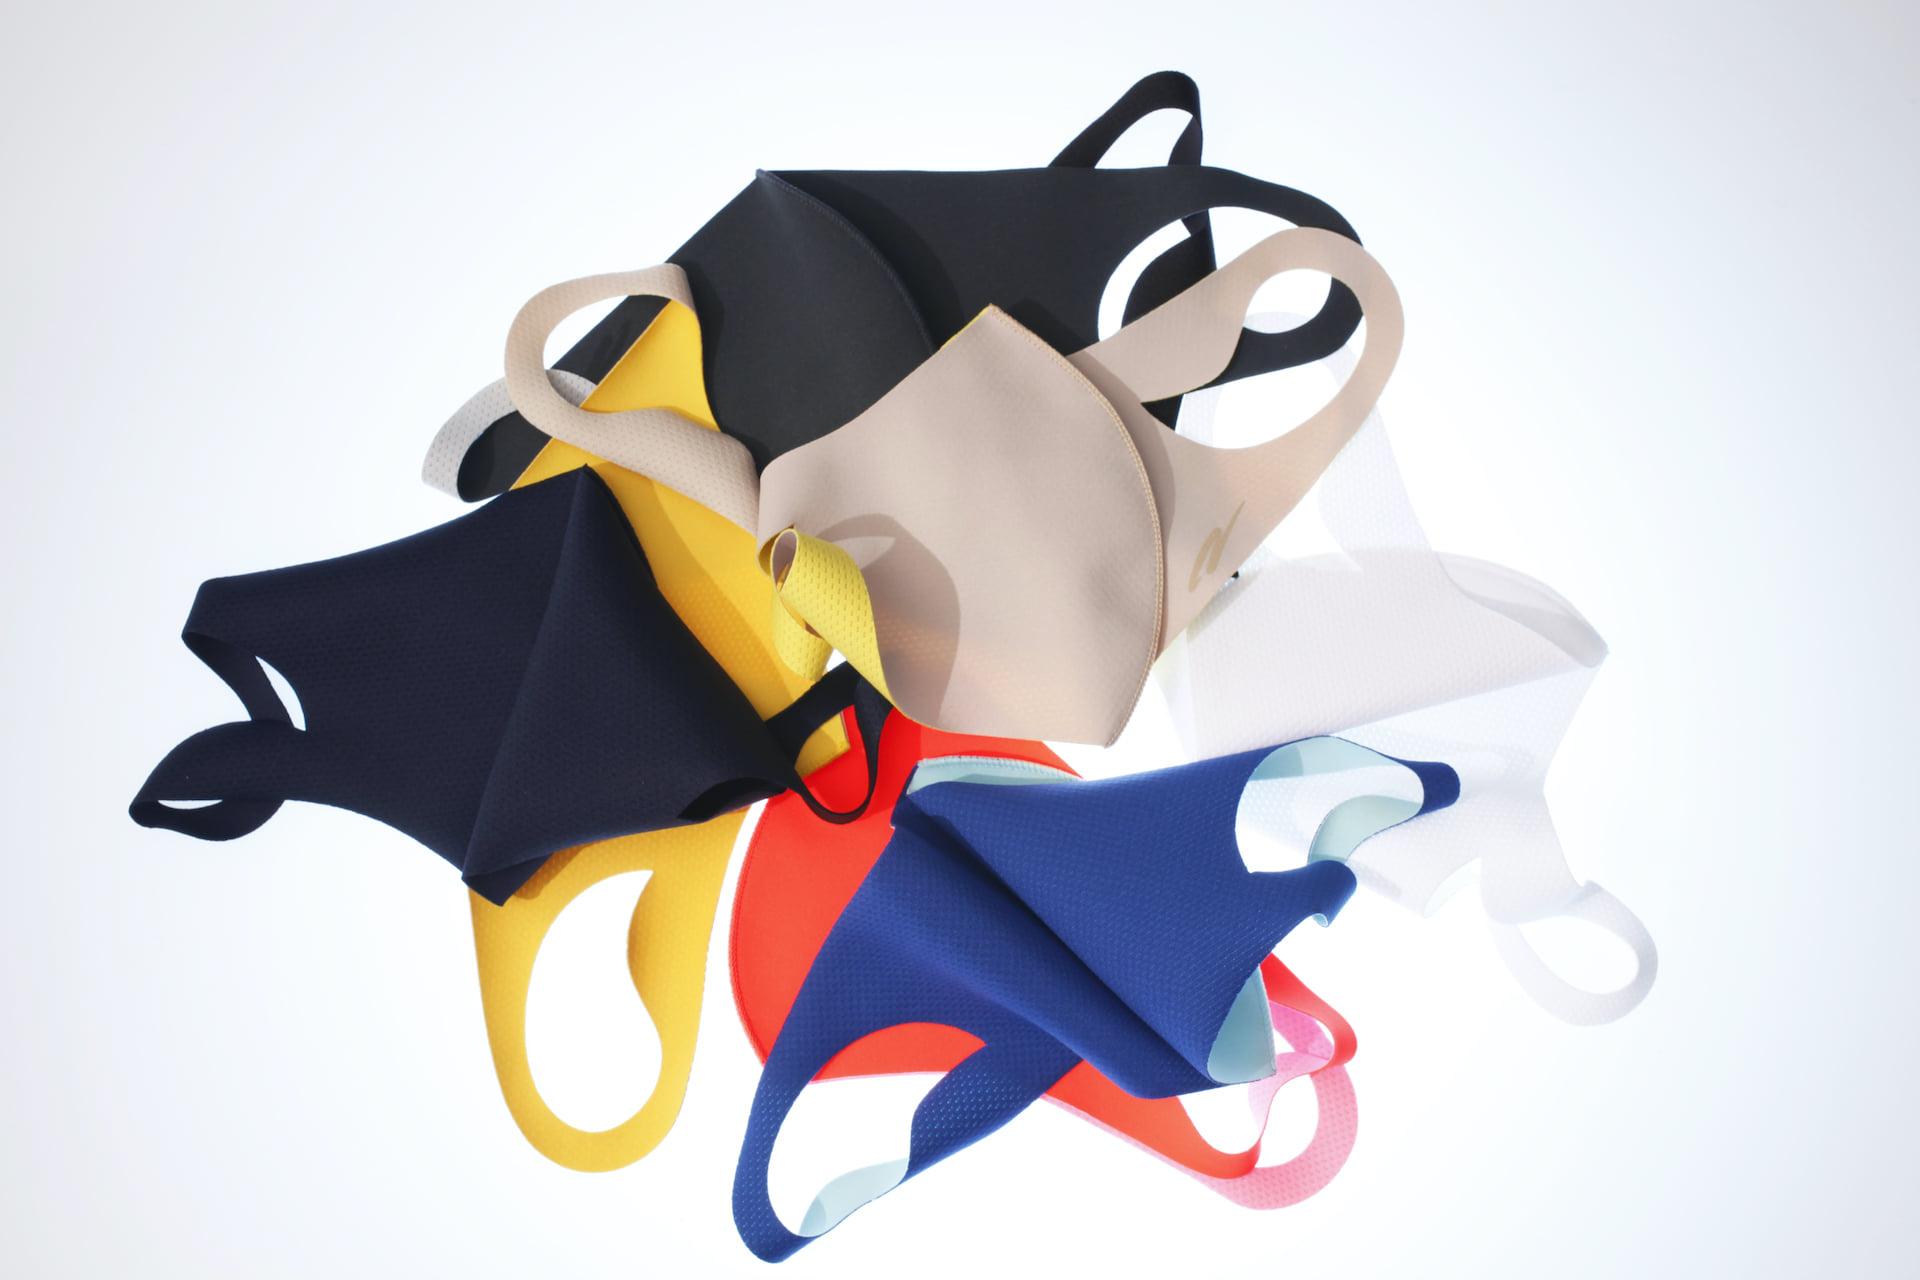 夏用の冷感抗菌UVマスク『ATB-UV+MASK COOL』がNEWSCHOOLにて発売|表参道のポップアップストアは明日スタート lf200721_newschool-mask_8-1920x1280